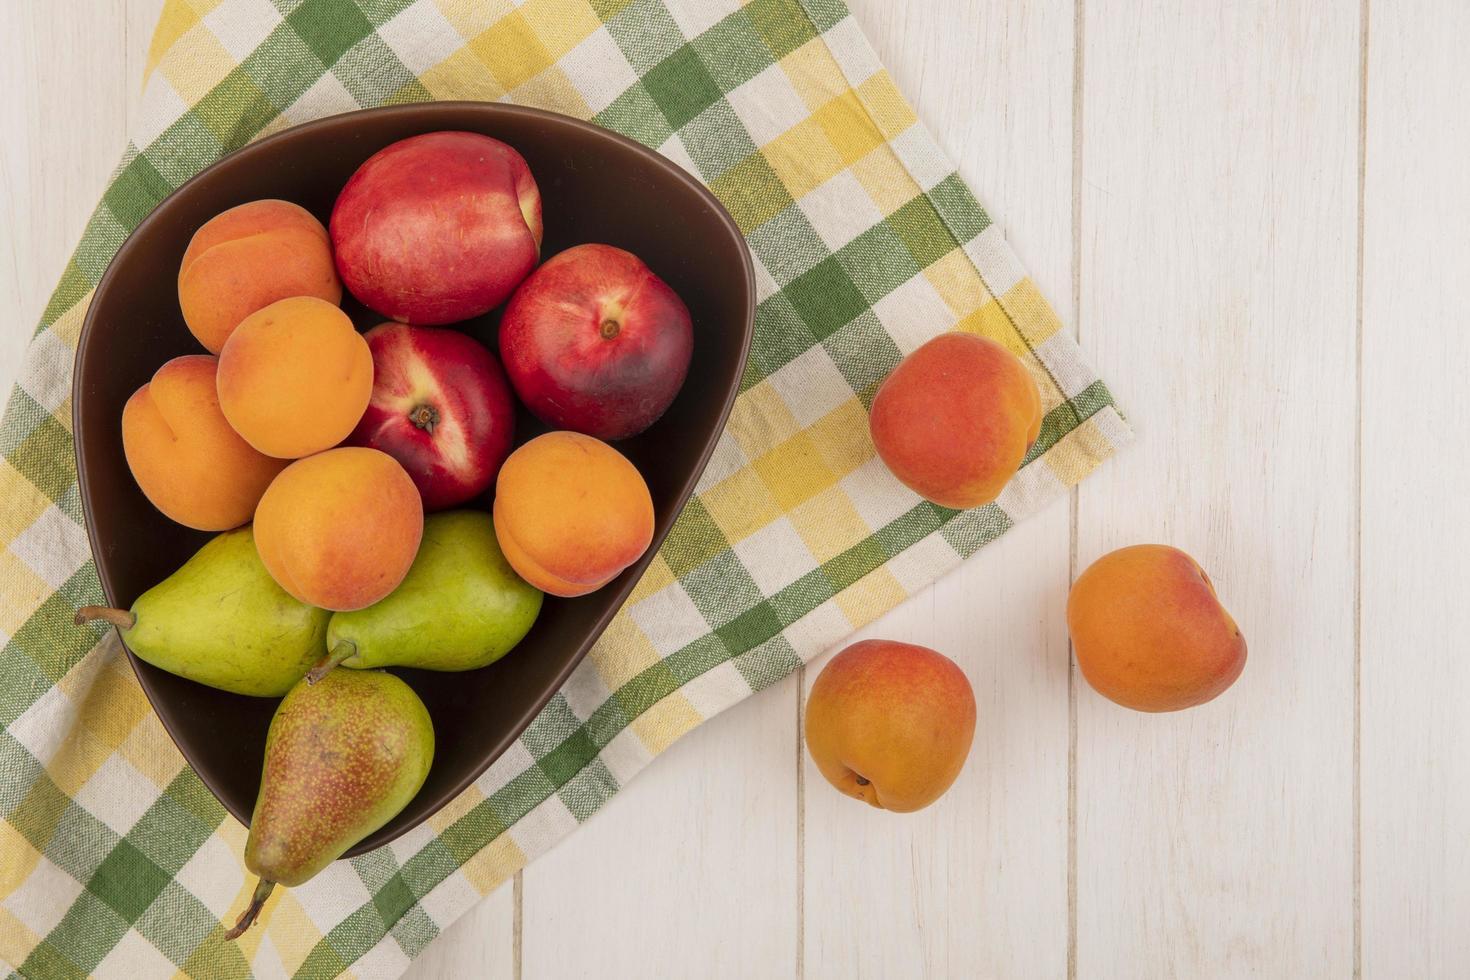 fruta variada sobre fondo neutro con tela escocesa foto